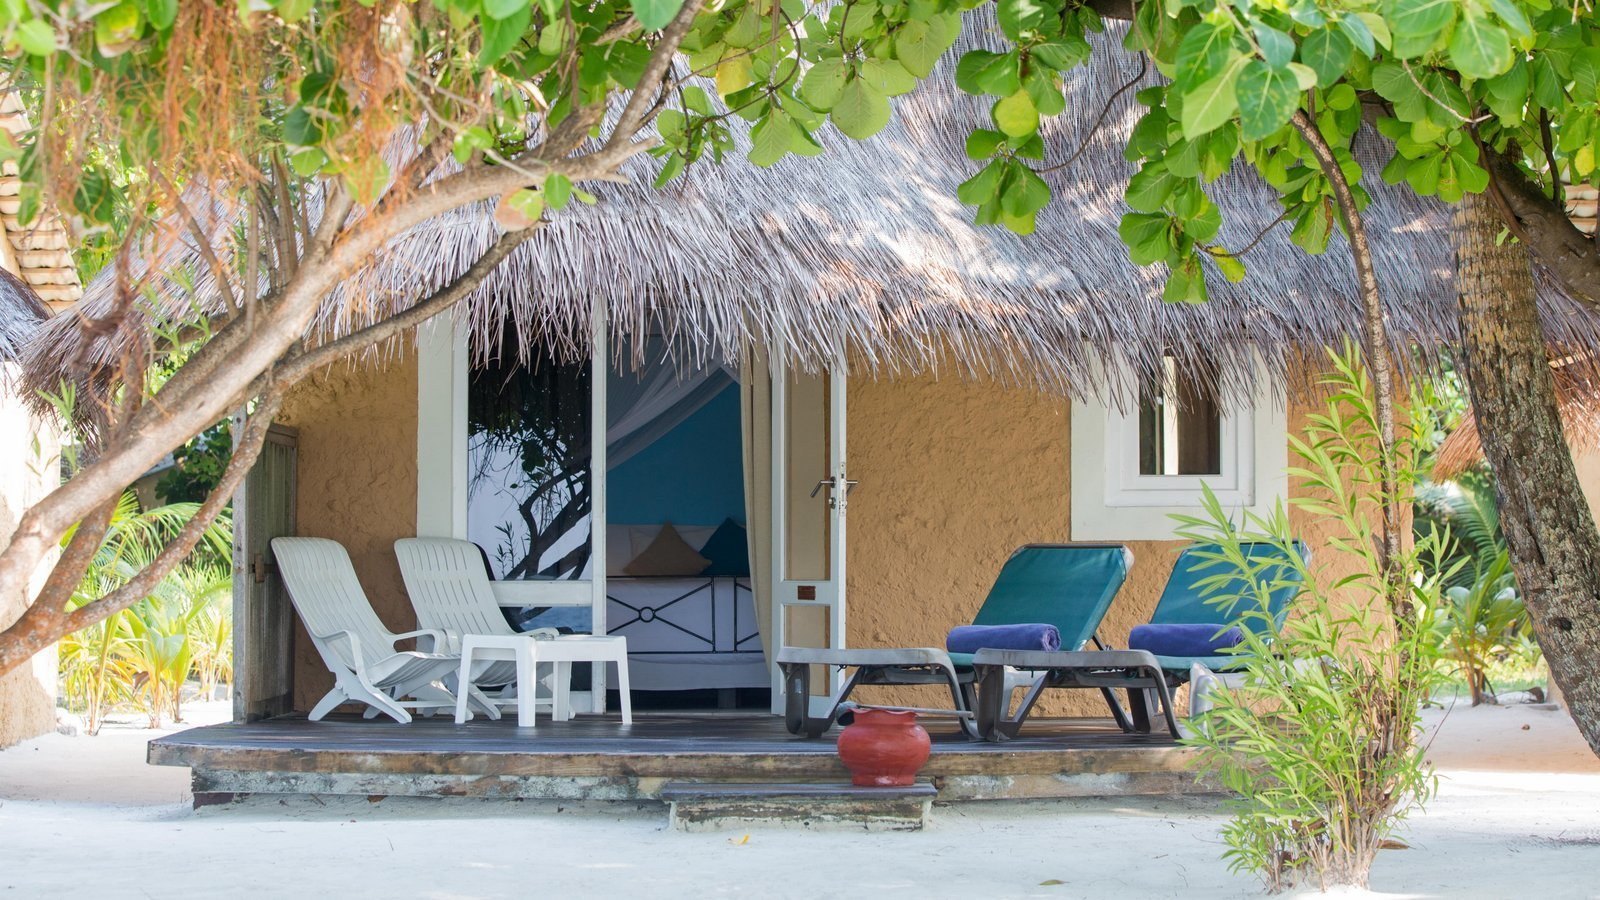 Мальдивы, отель Kuredu Island Resort, номер Beach Bungalow